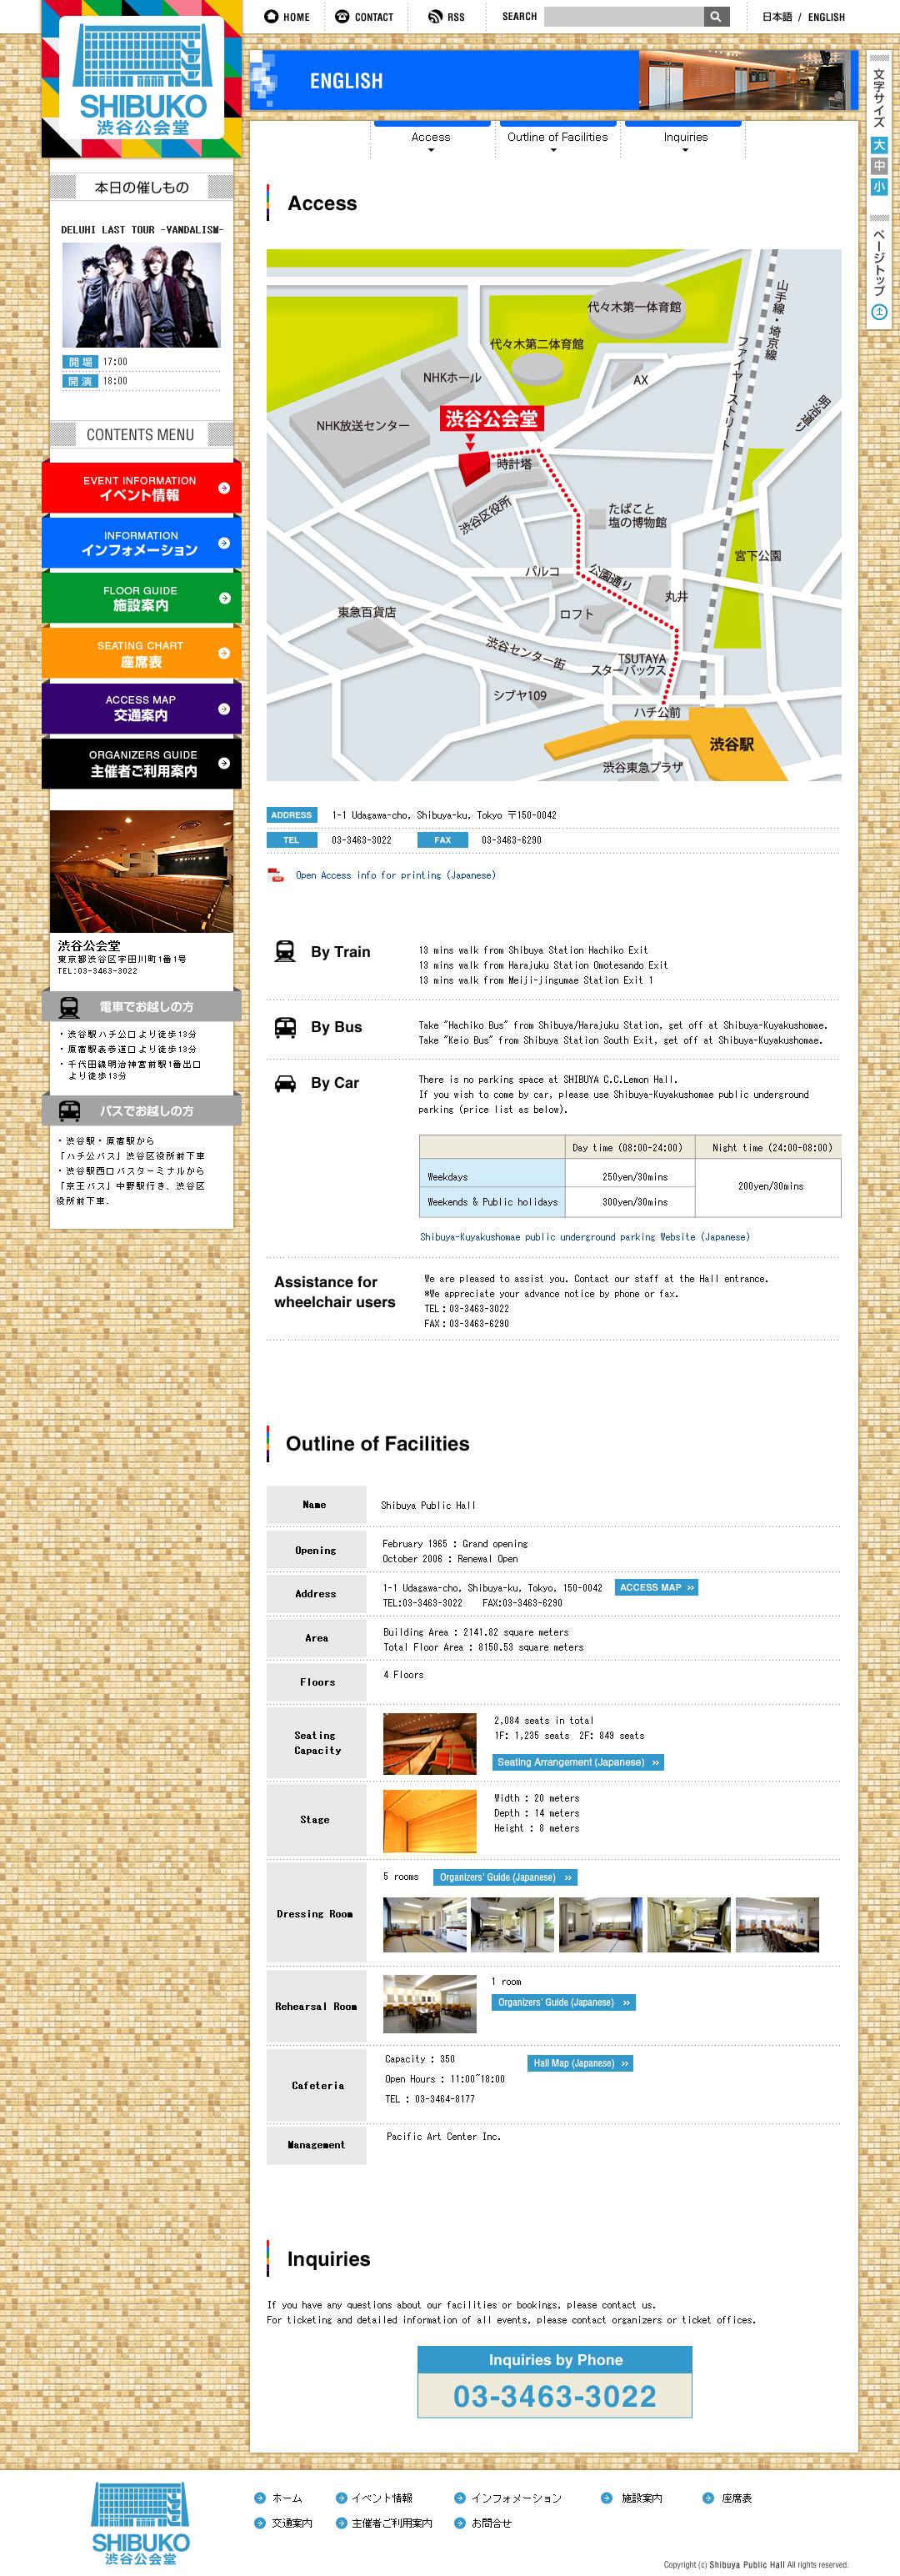 ホームページ画面05_渋谷公会堂